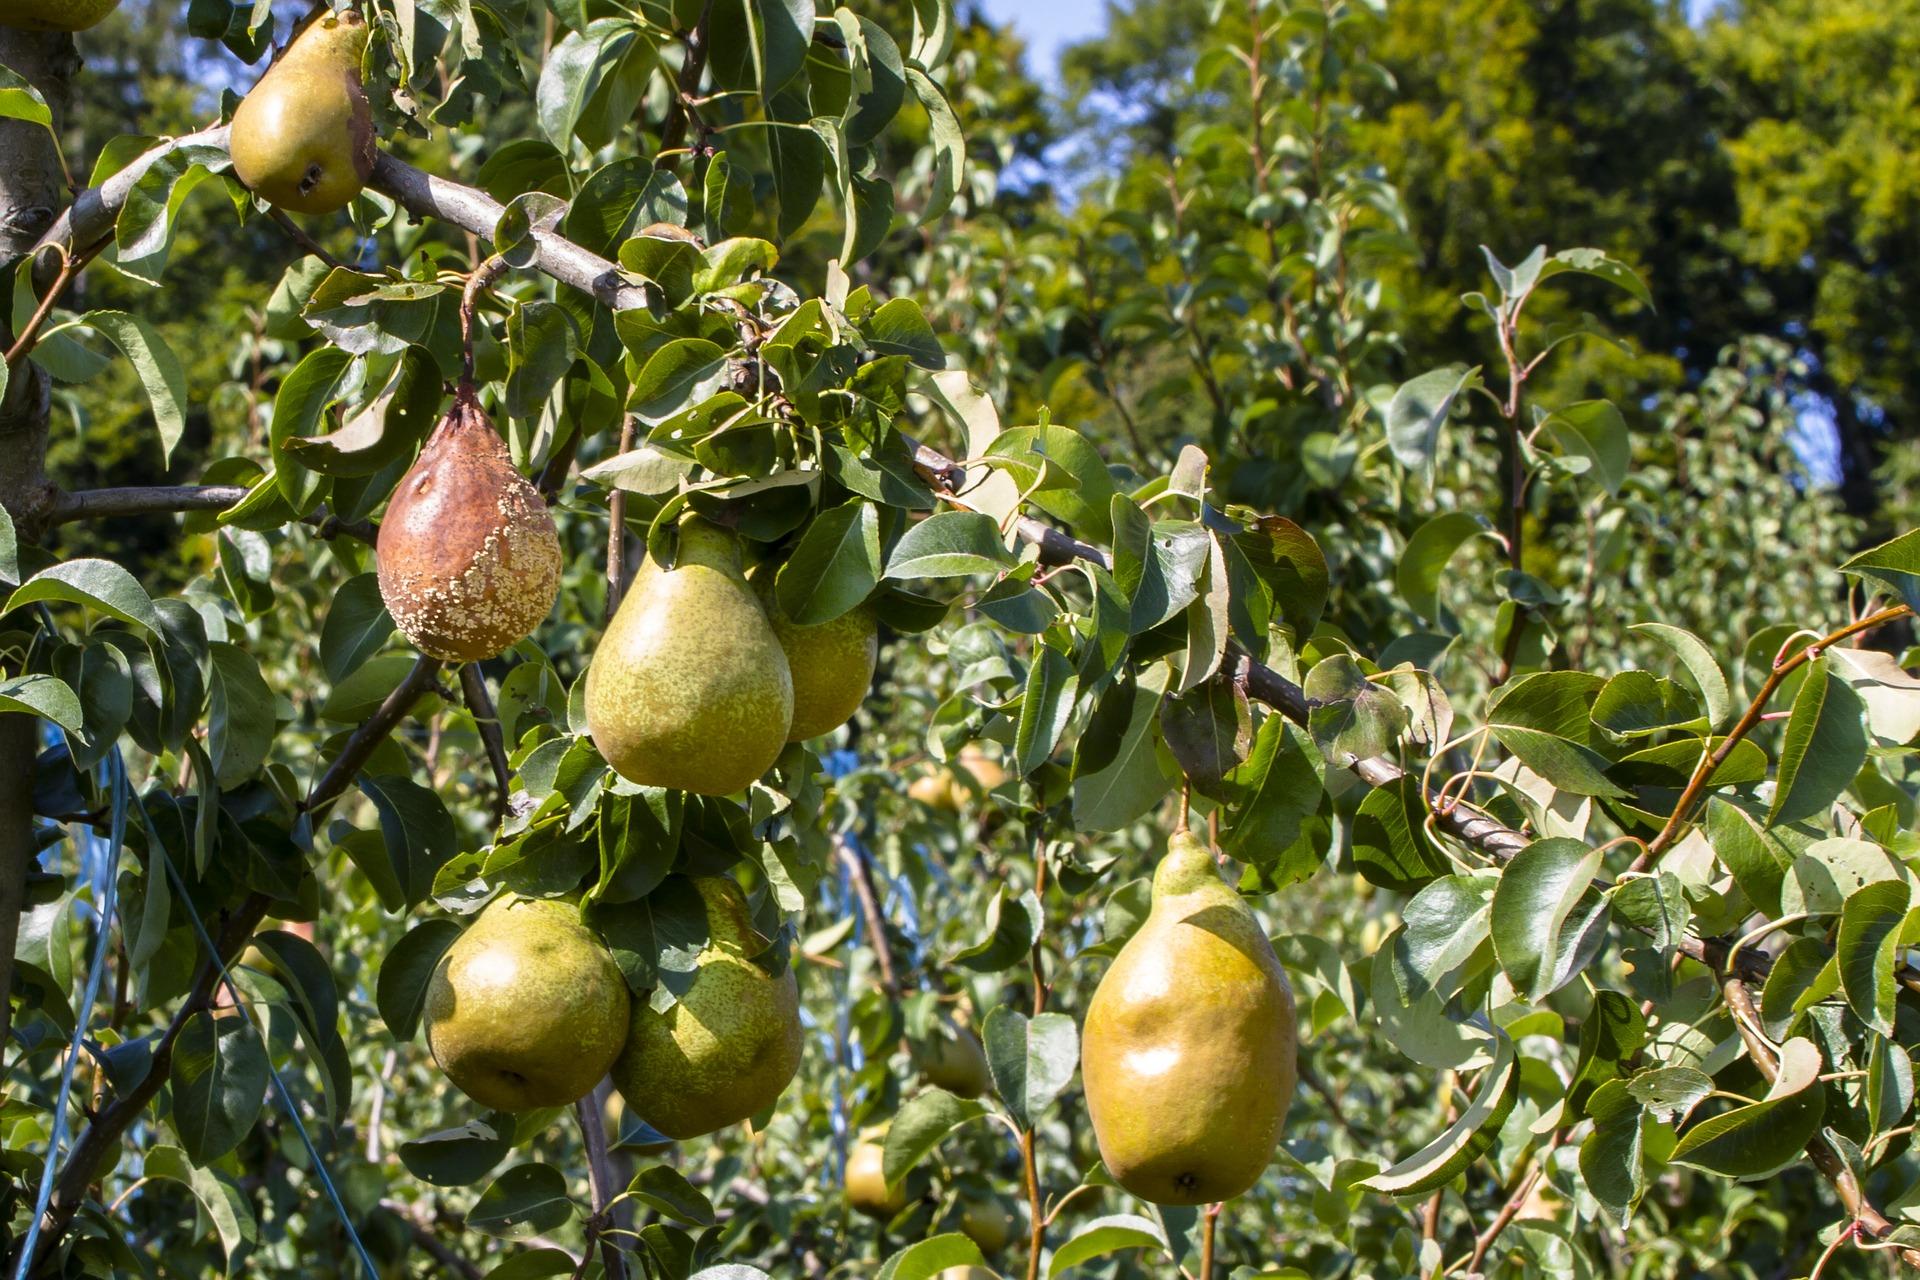 В июле может возникнуть проблема в виде желтоватых, рыжих и бурых пятен на листьях